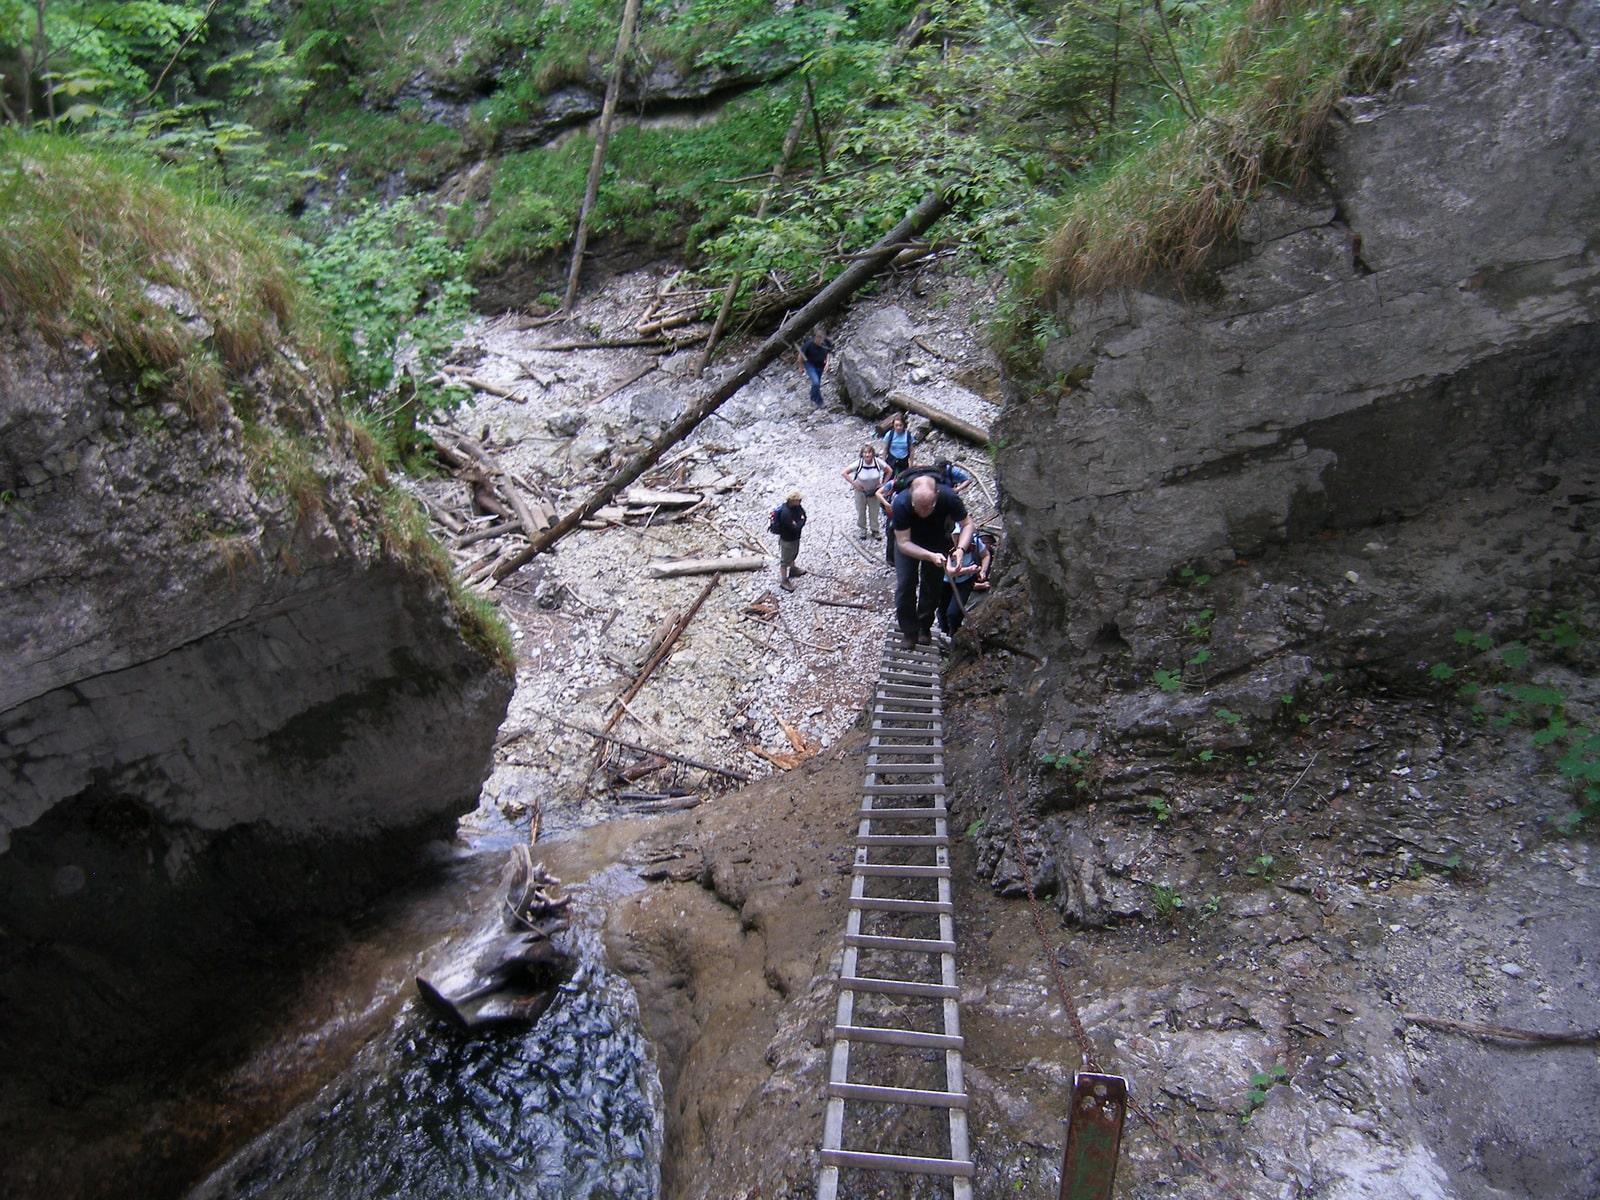 Sucha Bela, Slovak Paradise Park, Guided Hiking